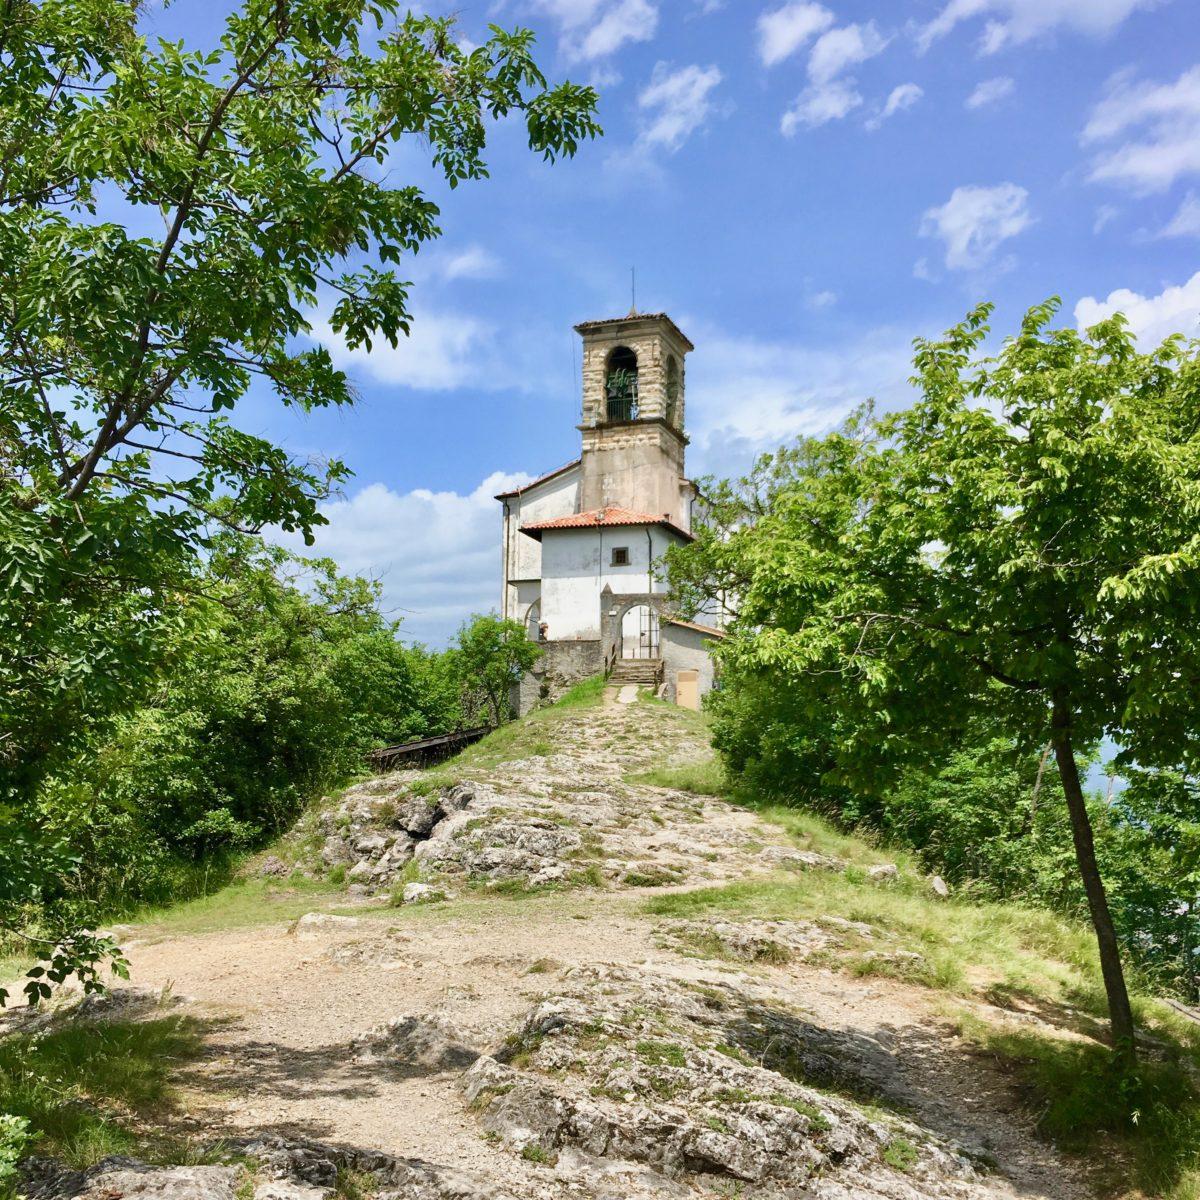 Die Wallfahrtskirche Santuario della Madonna della Ceriola am höchsten Punkt der Monte Isola.